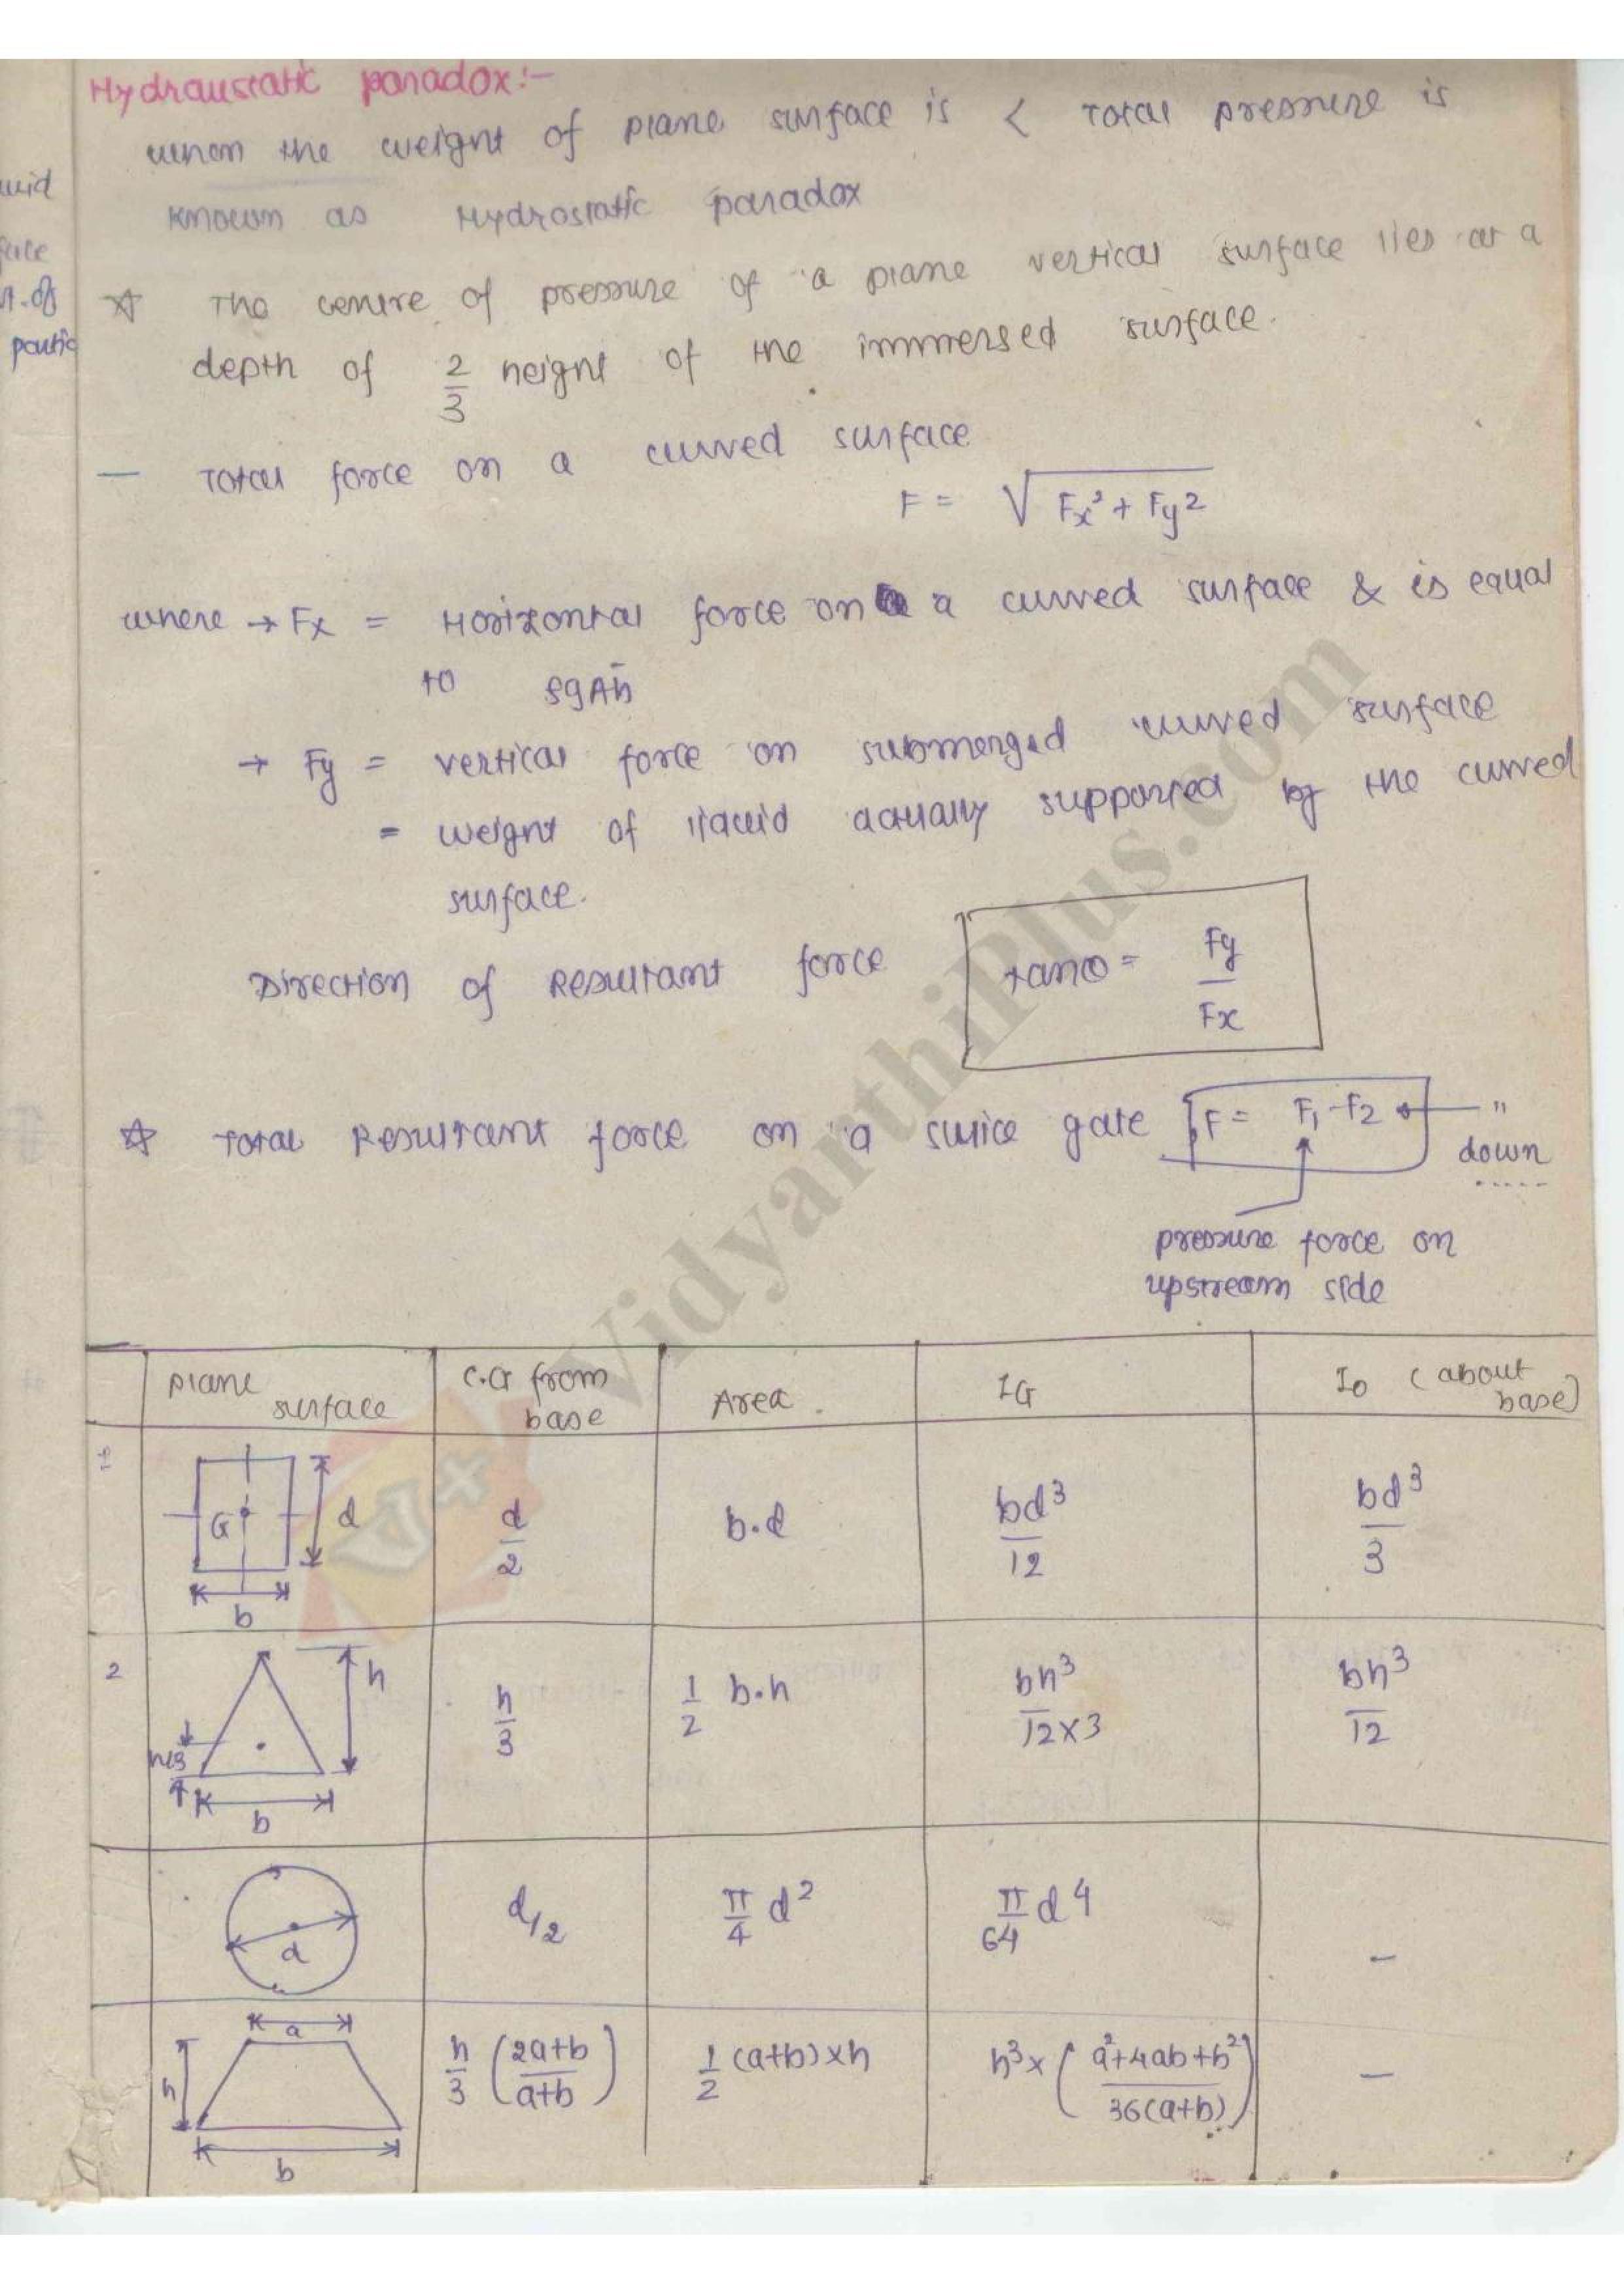 Fluid Mechanics Premium Lecture Notes - Harish Edition